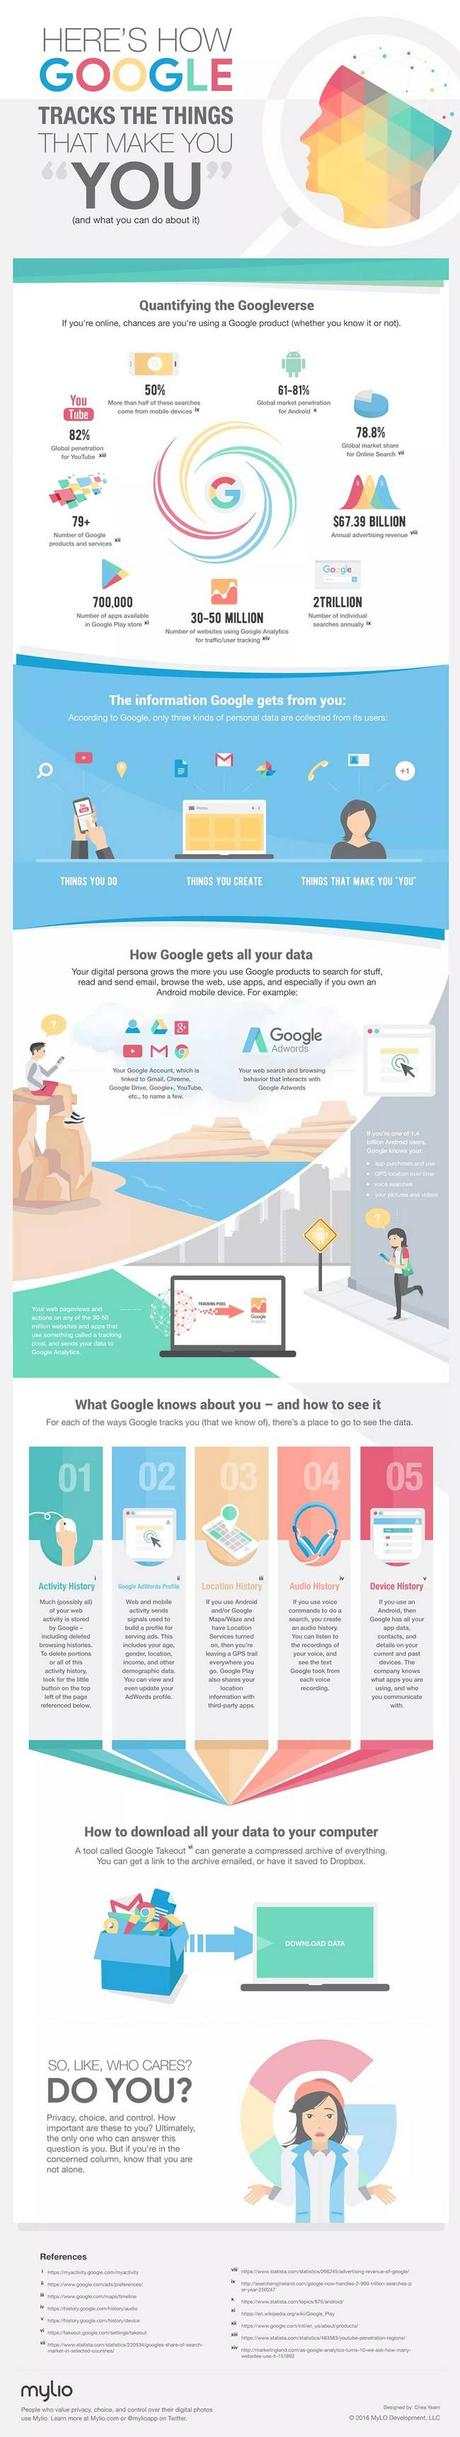 Ce que Google sait de vous ...